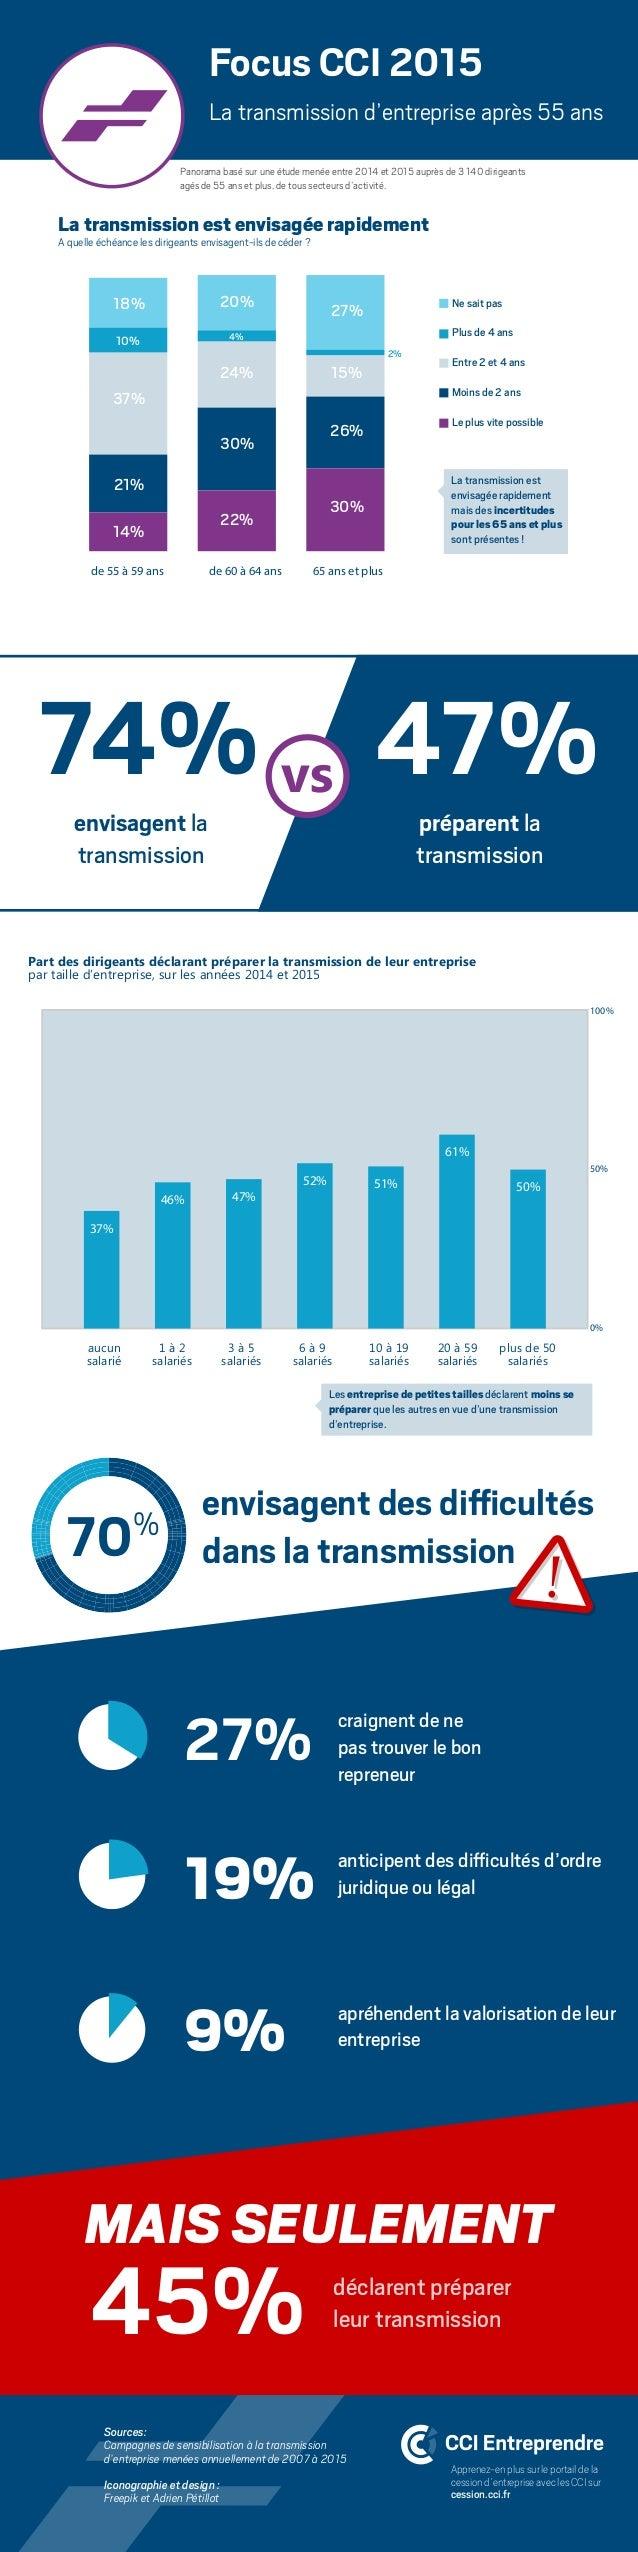 74% 47%envisagent la transmission préparent la transmission vs craignent de ne pas trouver le bon repreneur 27% anticipent...